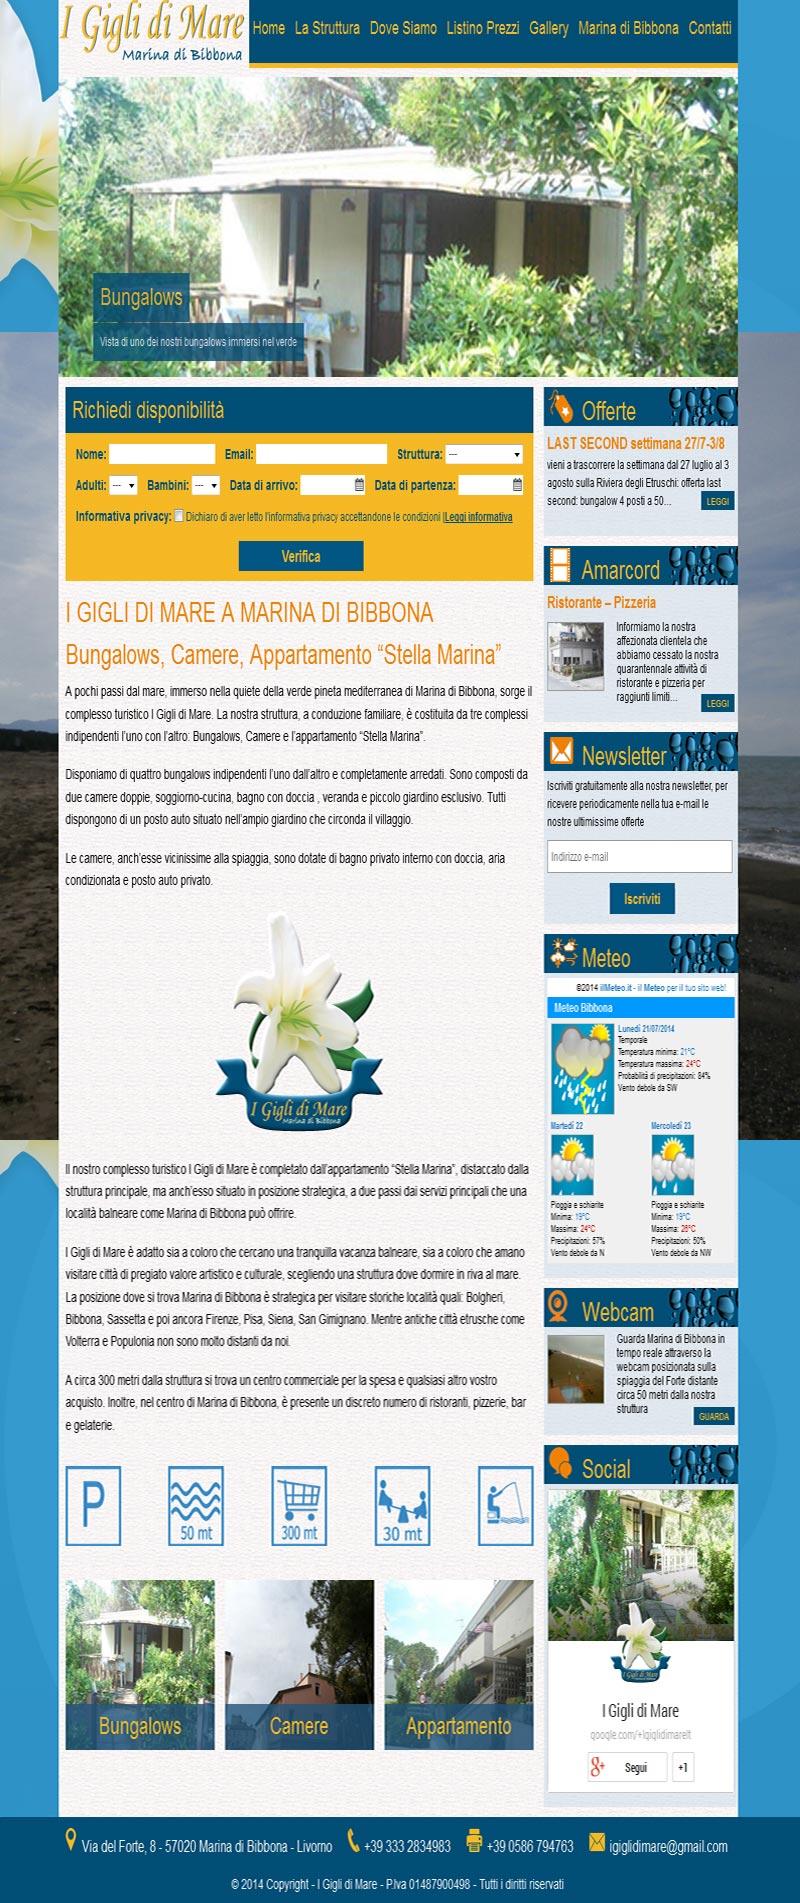 I Gigli di Mare home page